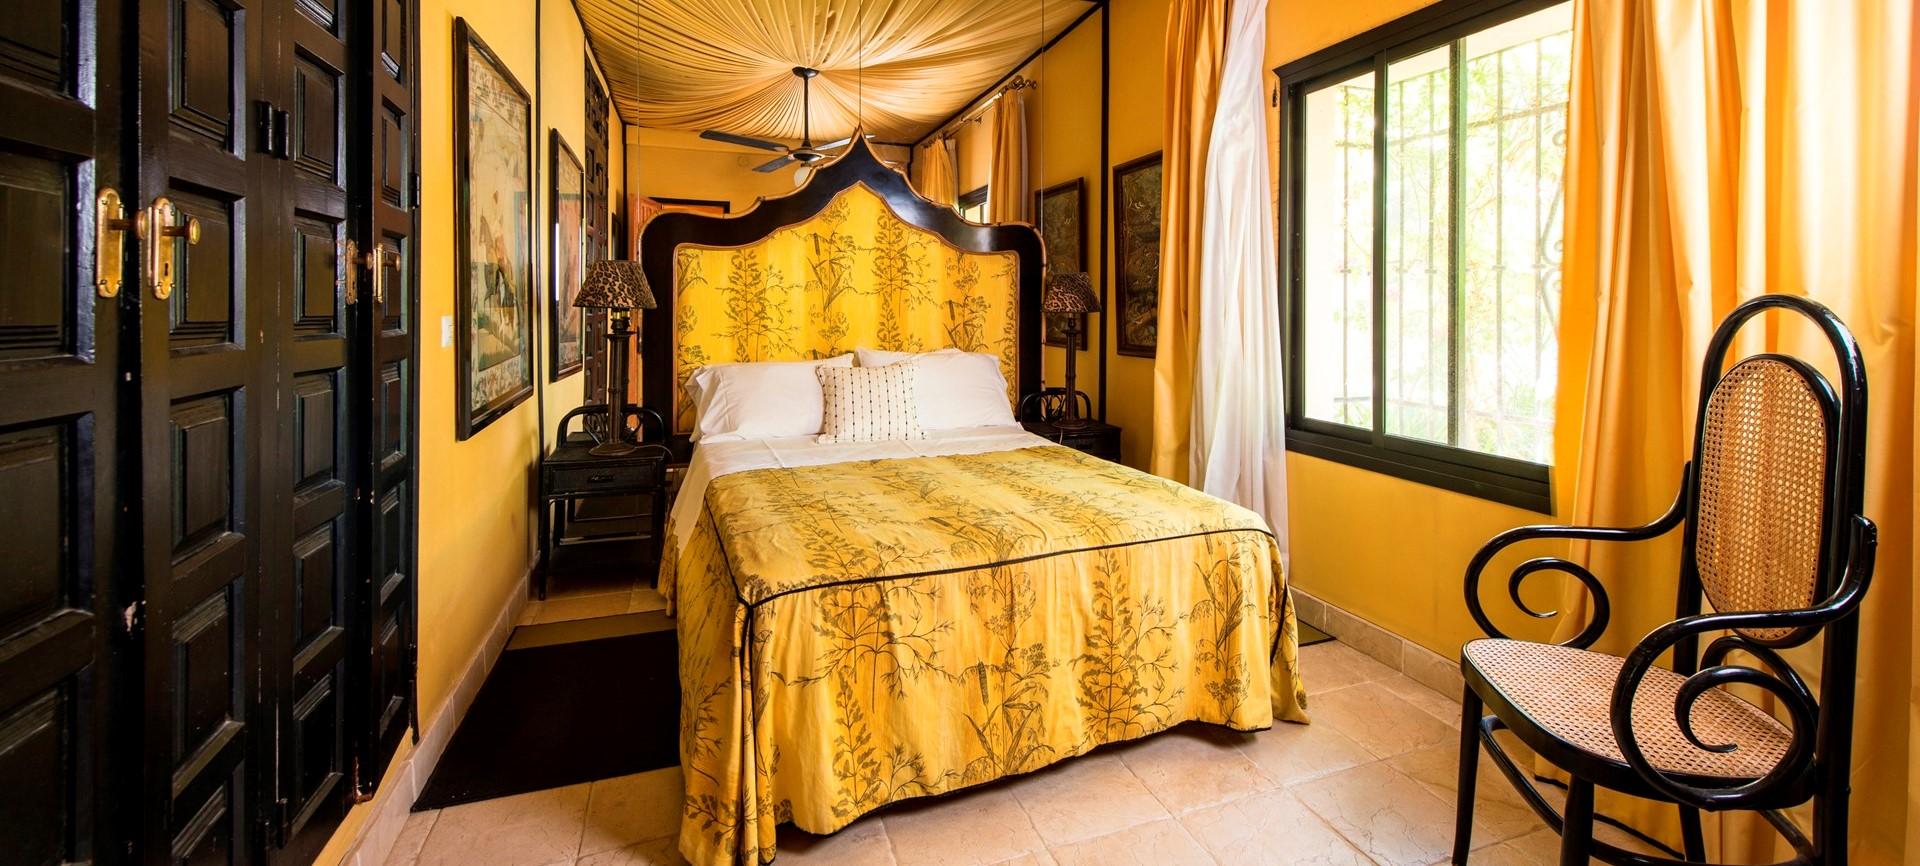 villa-marbella-double-bedroom2